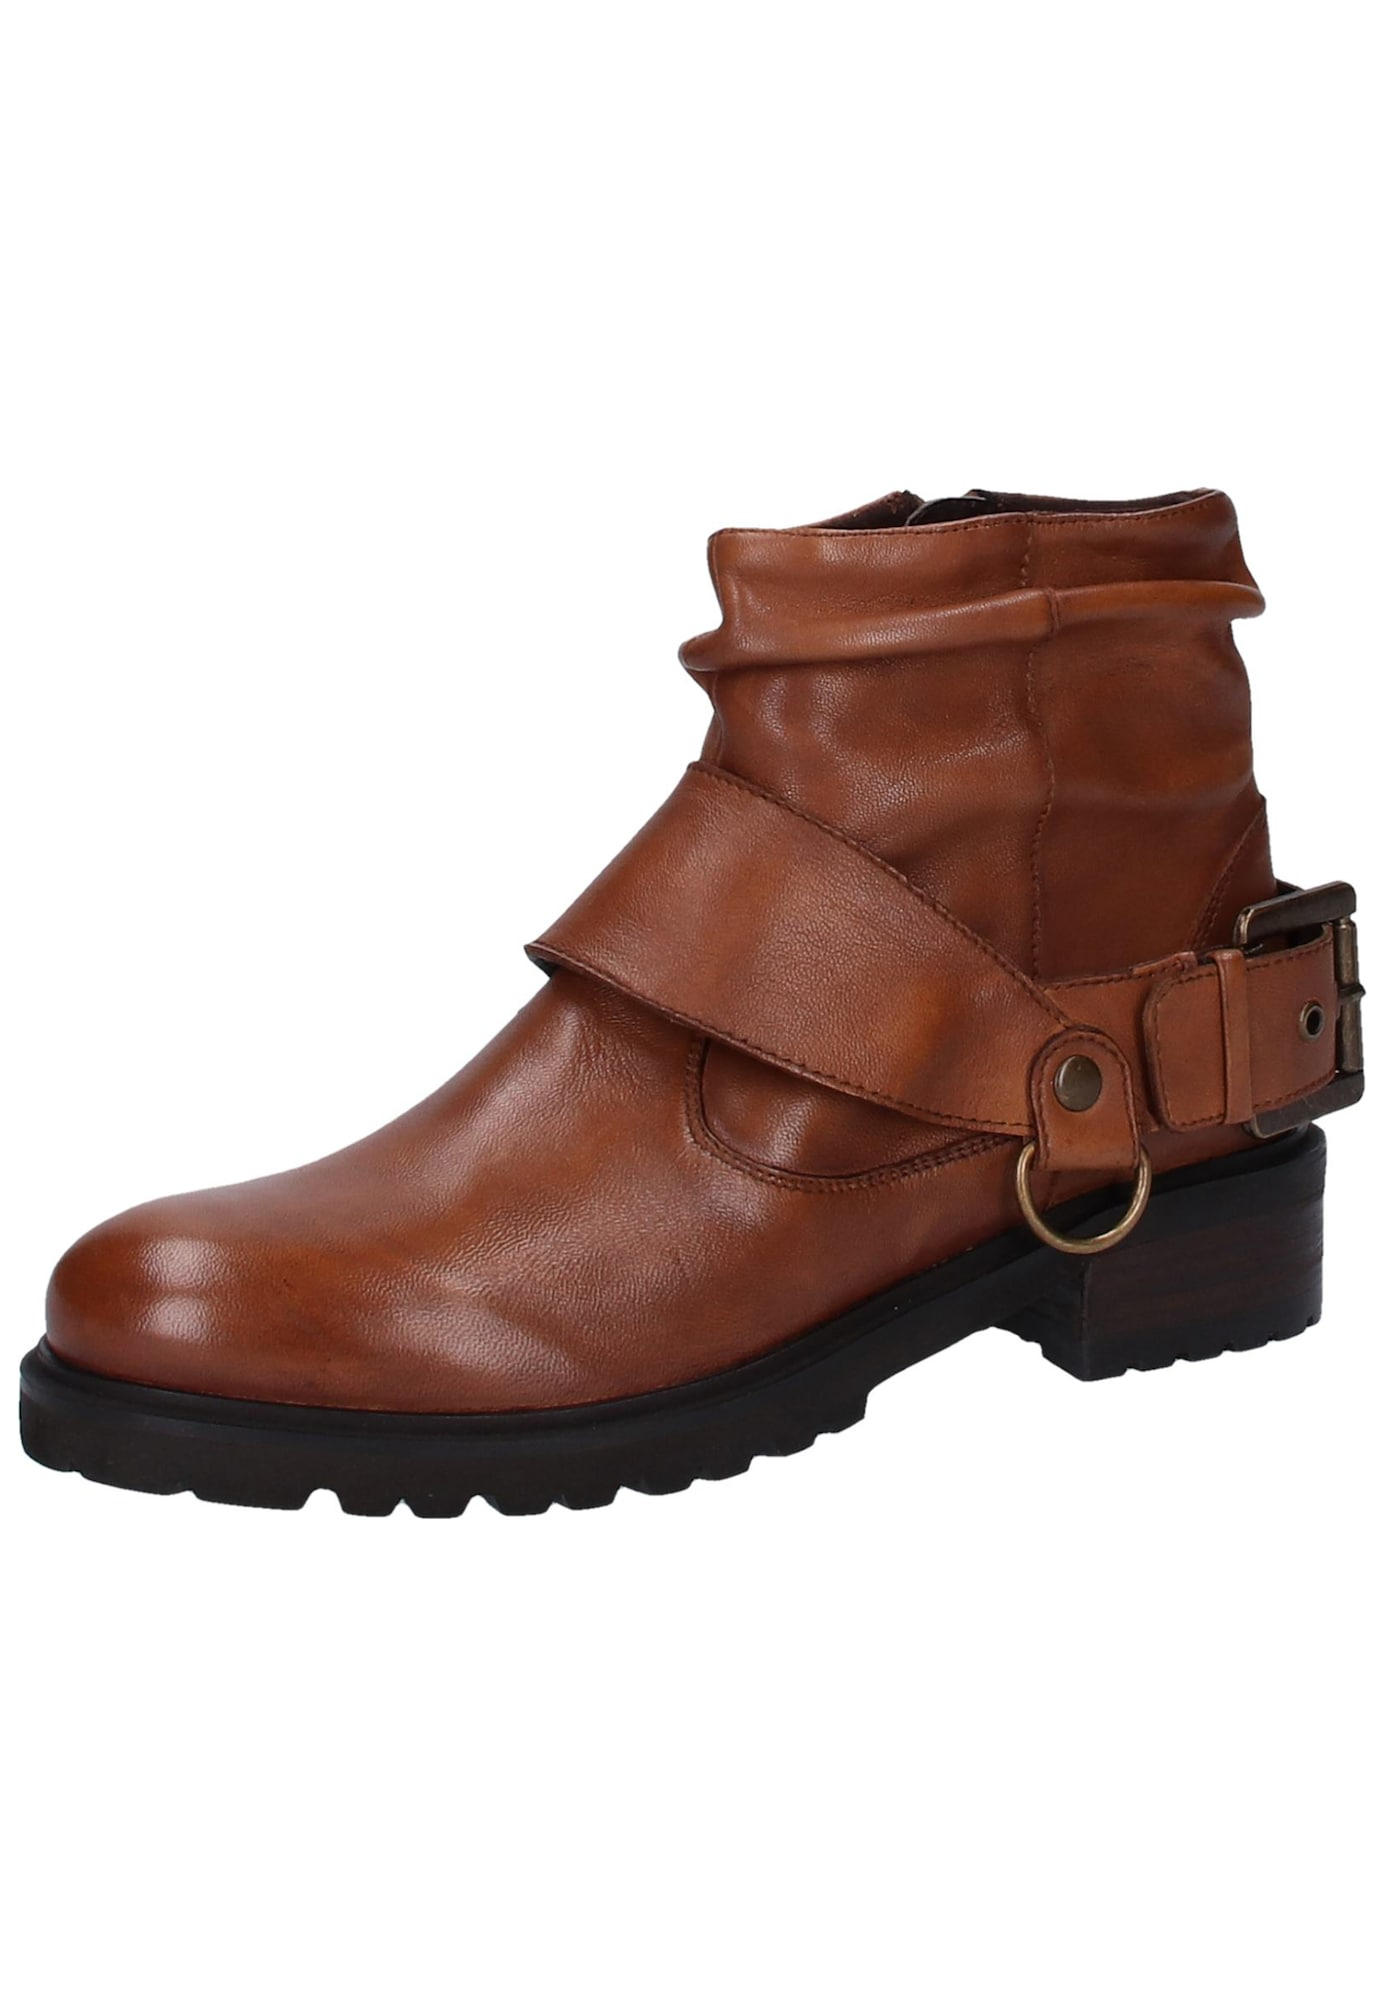 Kotníkové boty Jihaa hnědá SPM